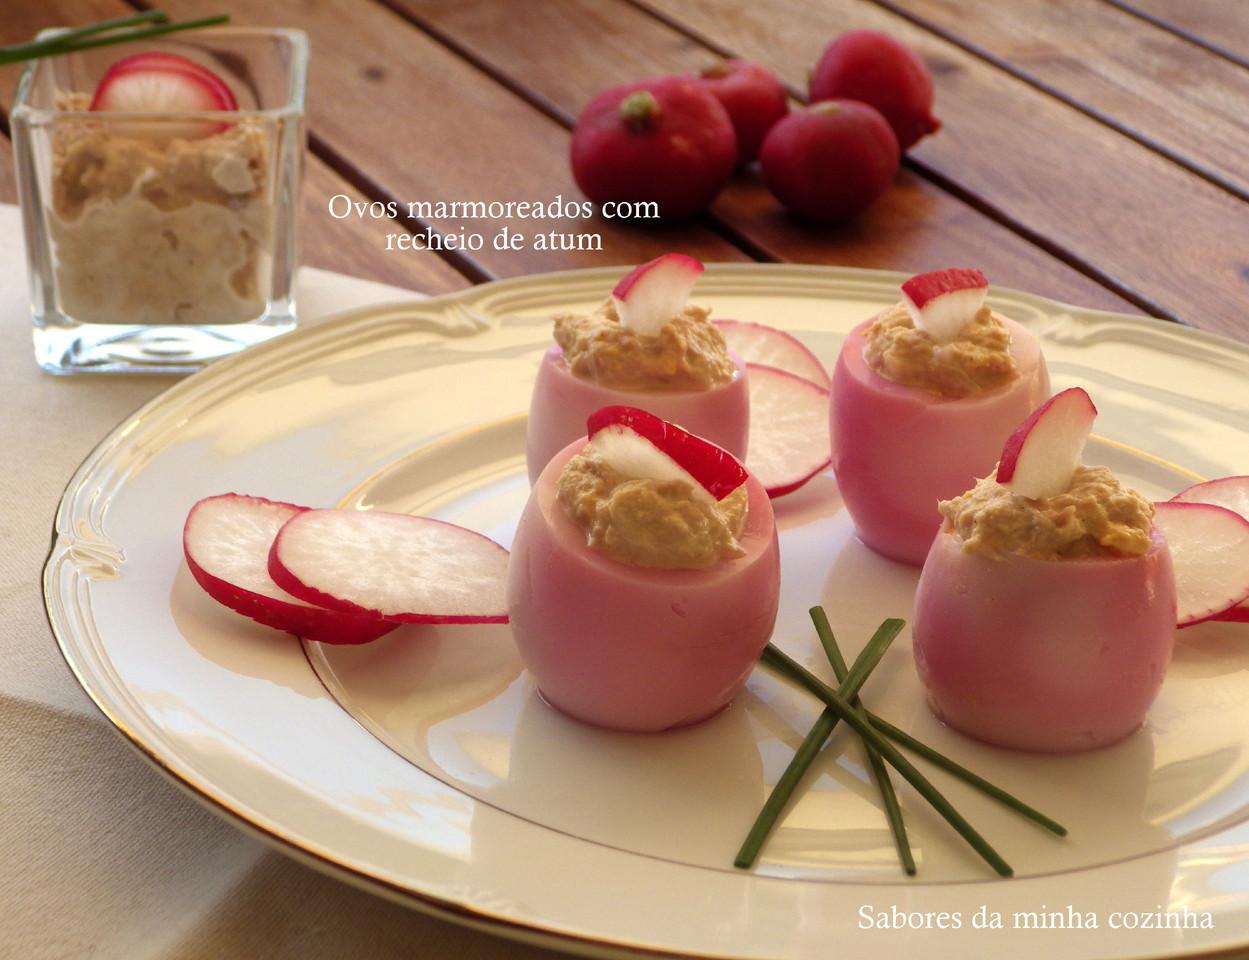 IMGP5803-Ovos marmoreados com recheio-Blog.JPG